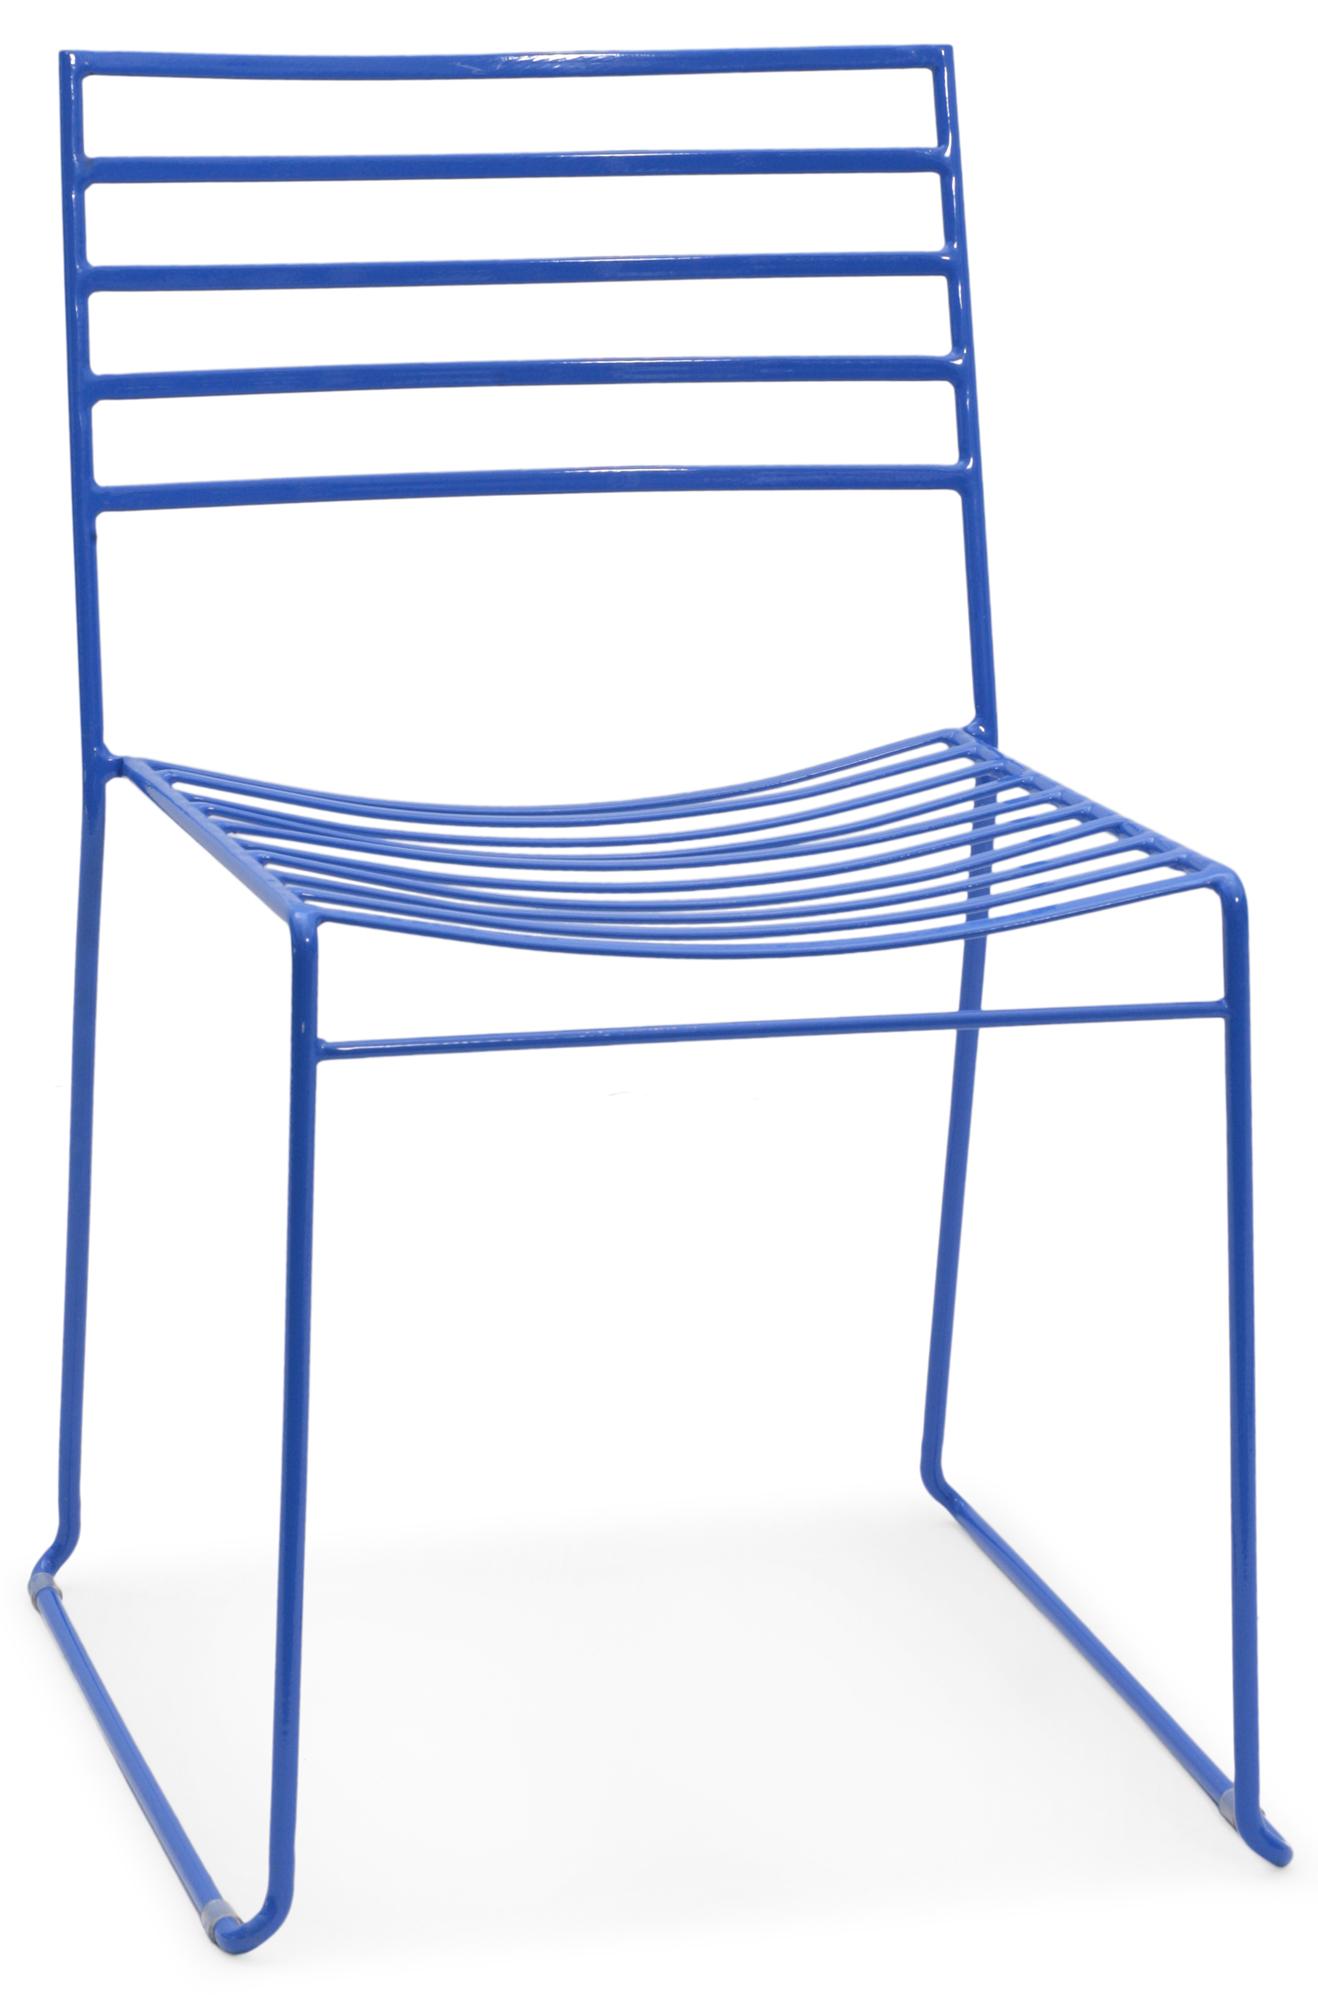 Lövås stapelstol blå 779 kr Trendrum se